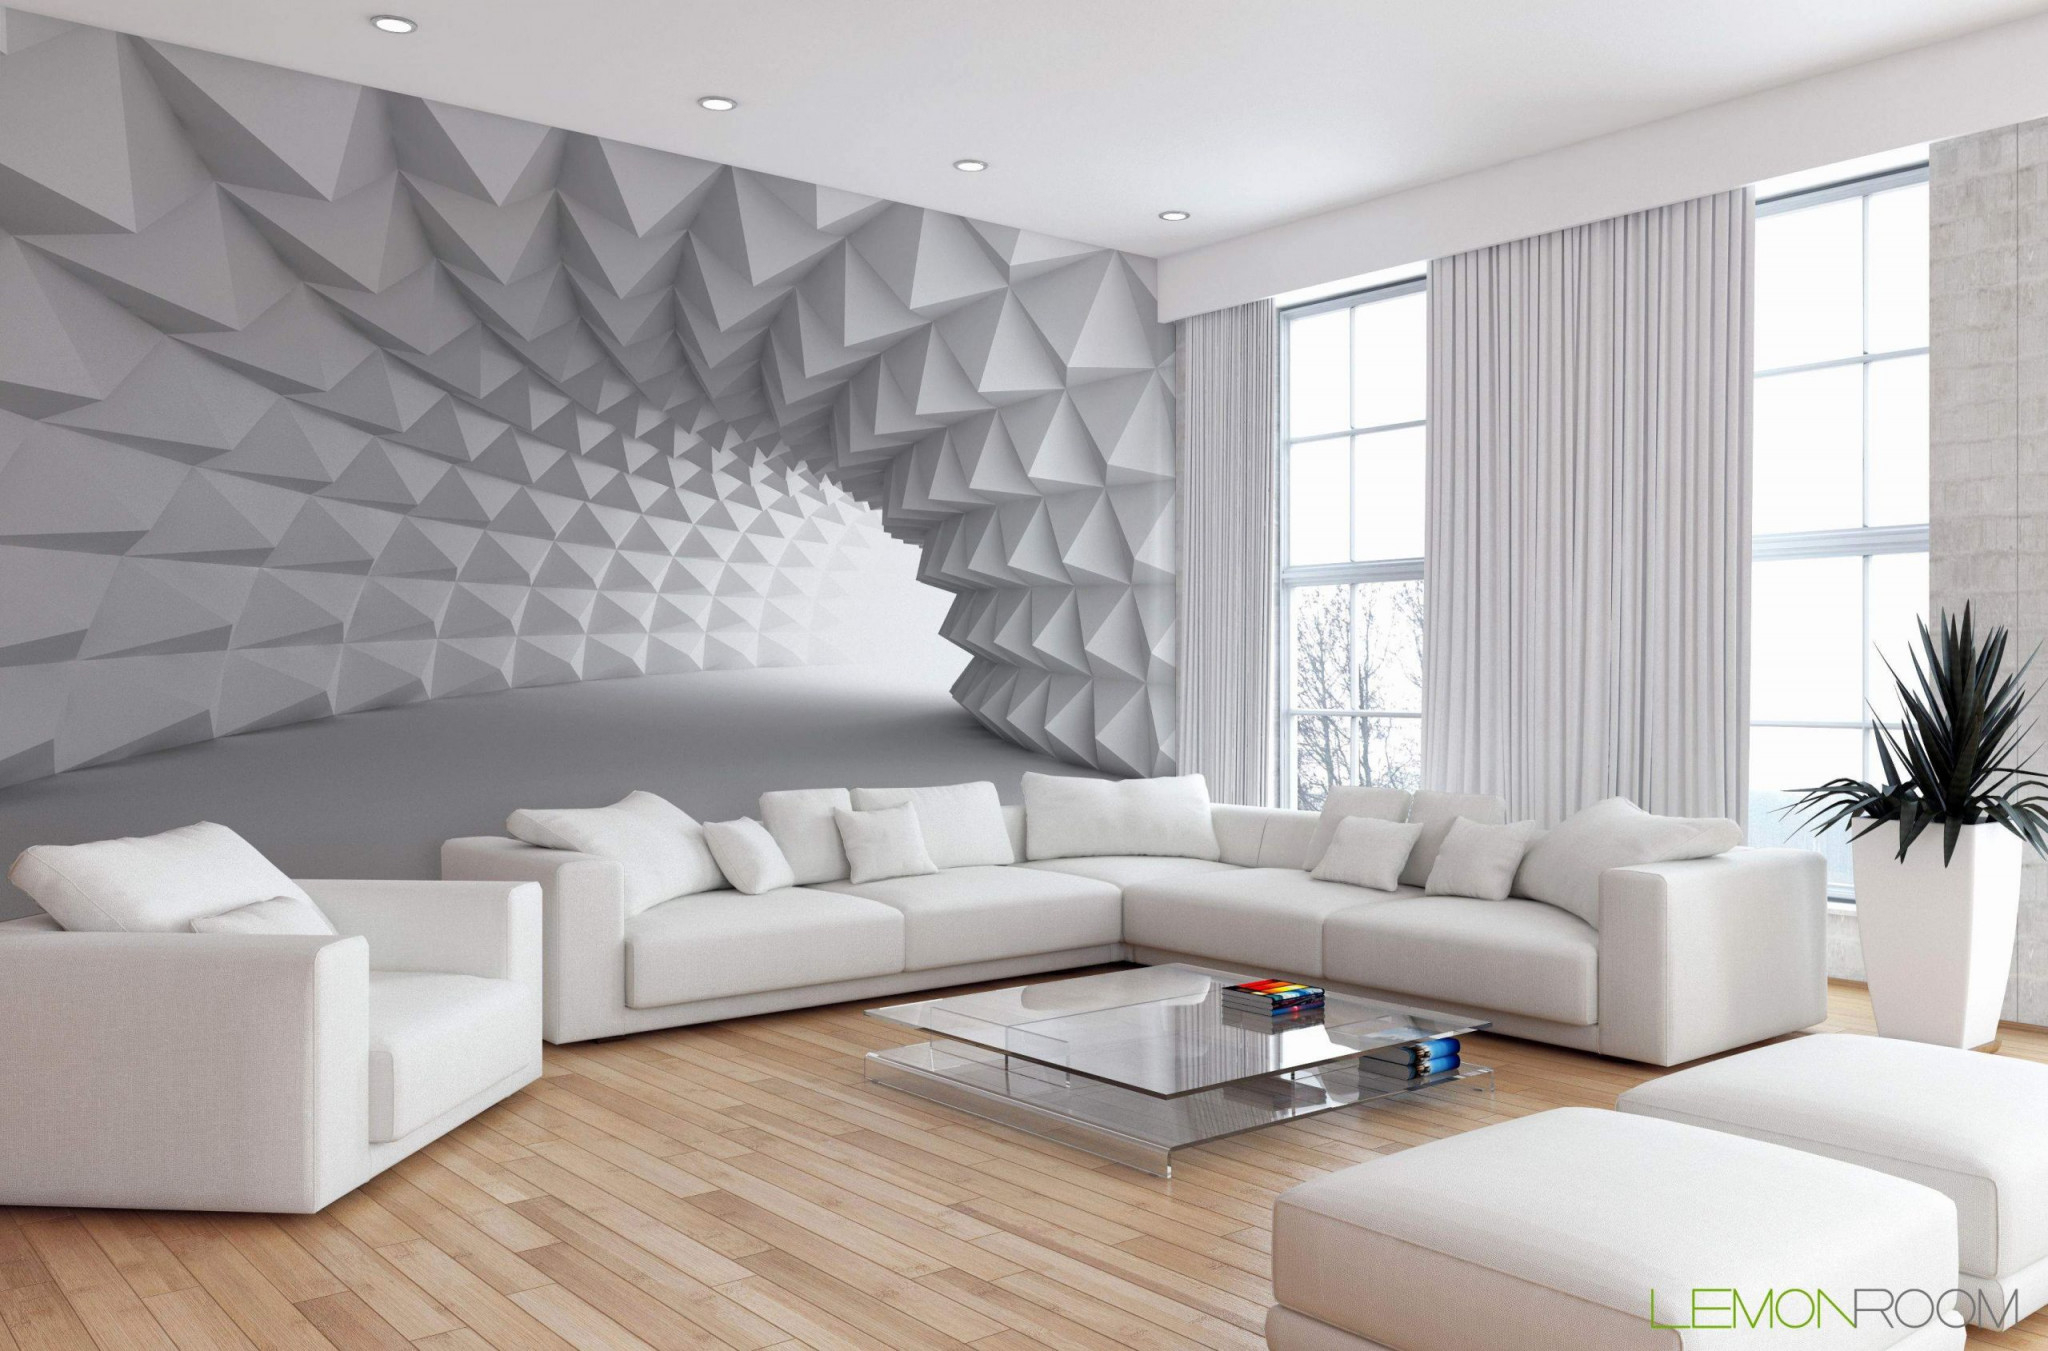 33 Frisch Muster Tapete Wohnzimmer Elegant  Wohnzimmer Frisch von Tapeten Wohnzimmer Modern Grau Photo